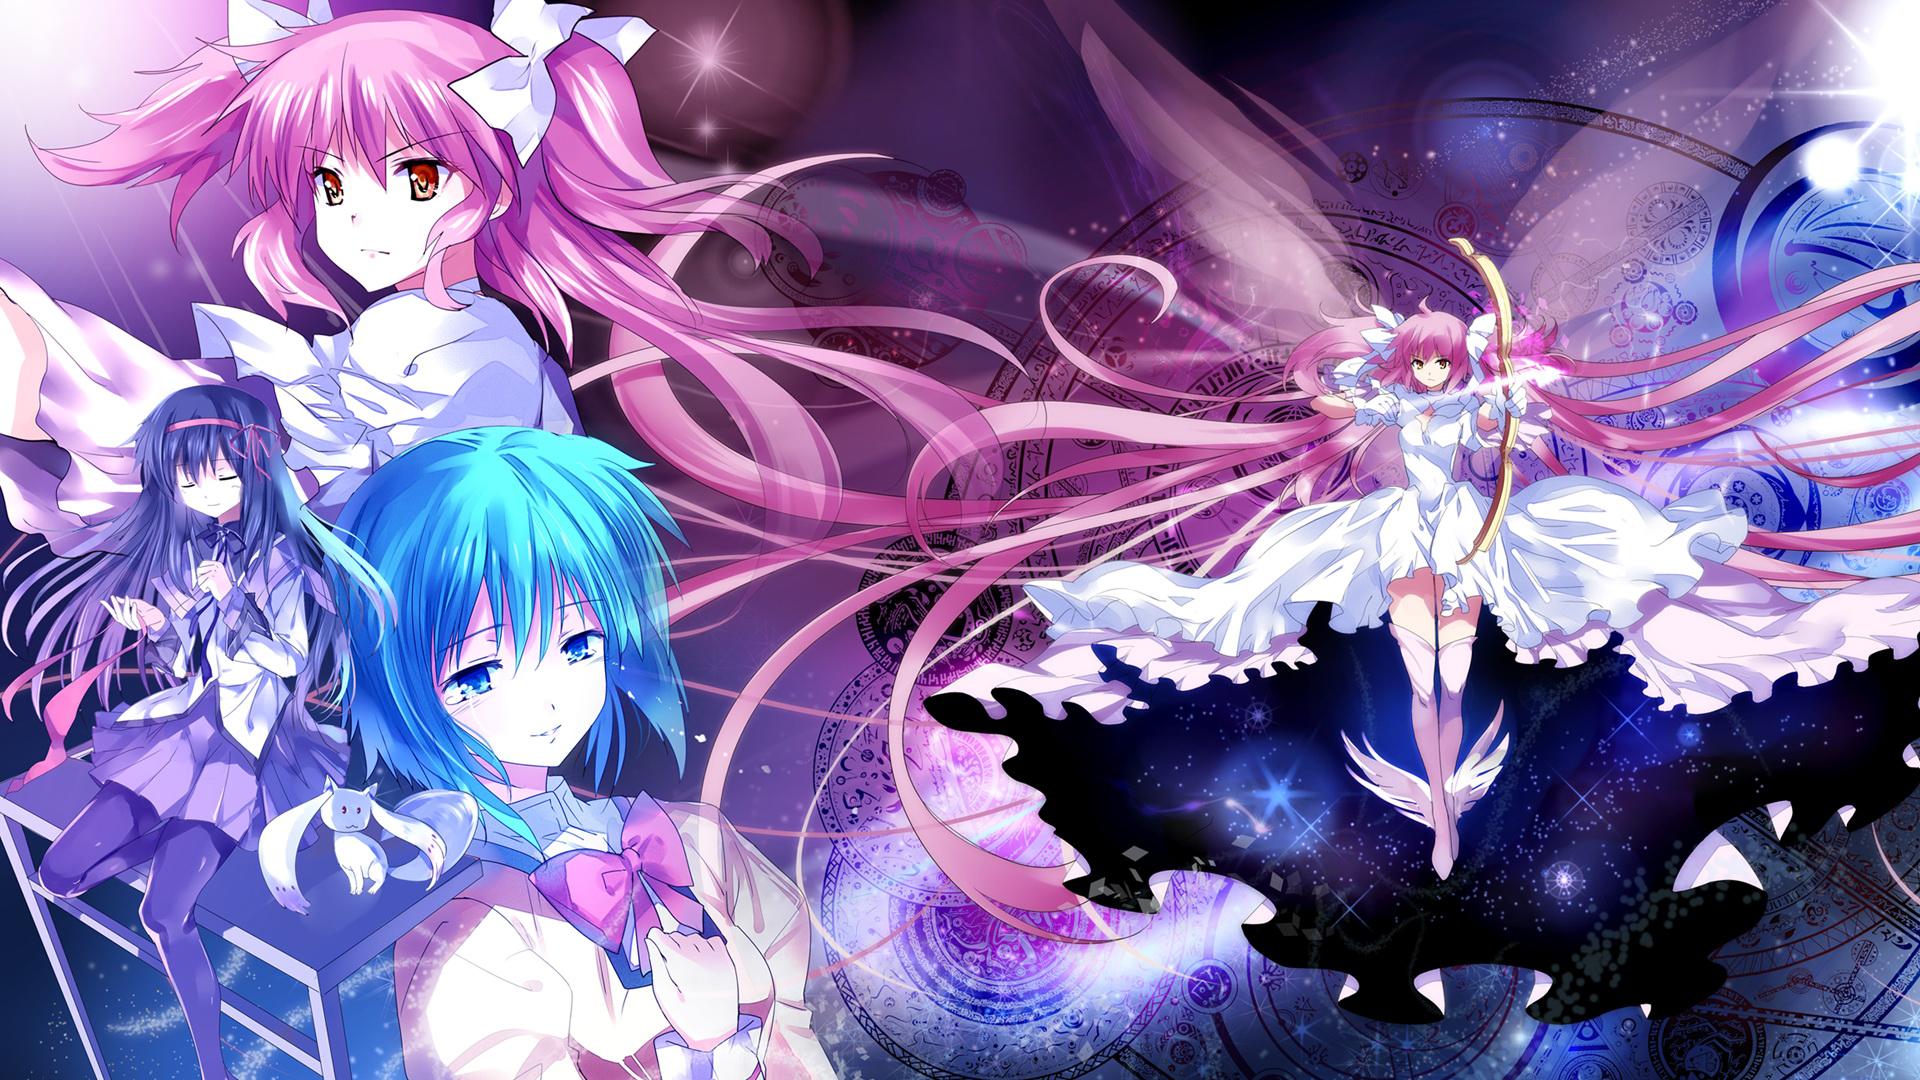 Photo Puella Magi Madoka Magica Anime 1920x1080